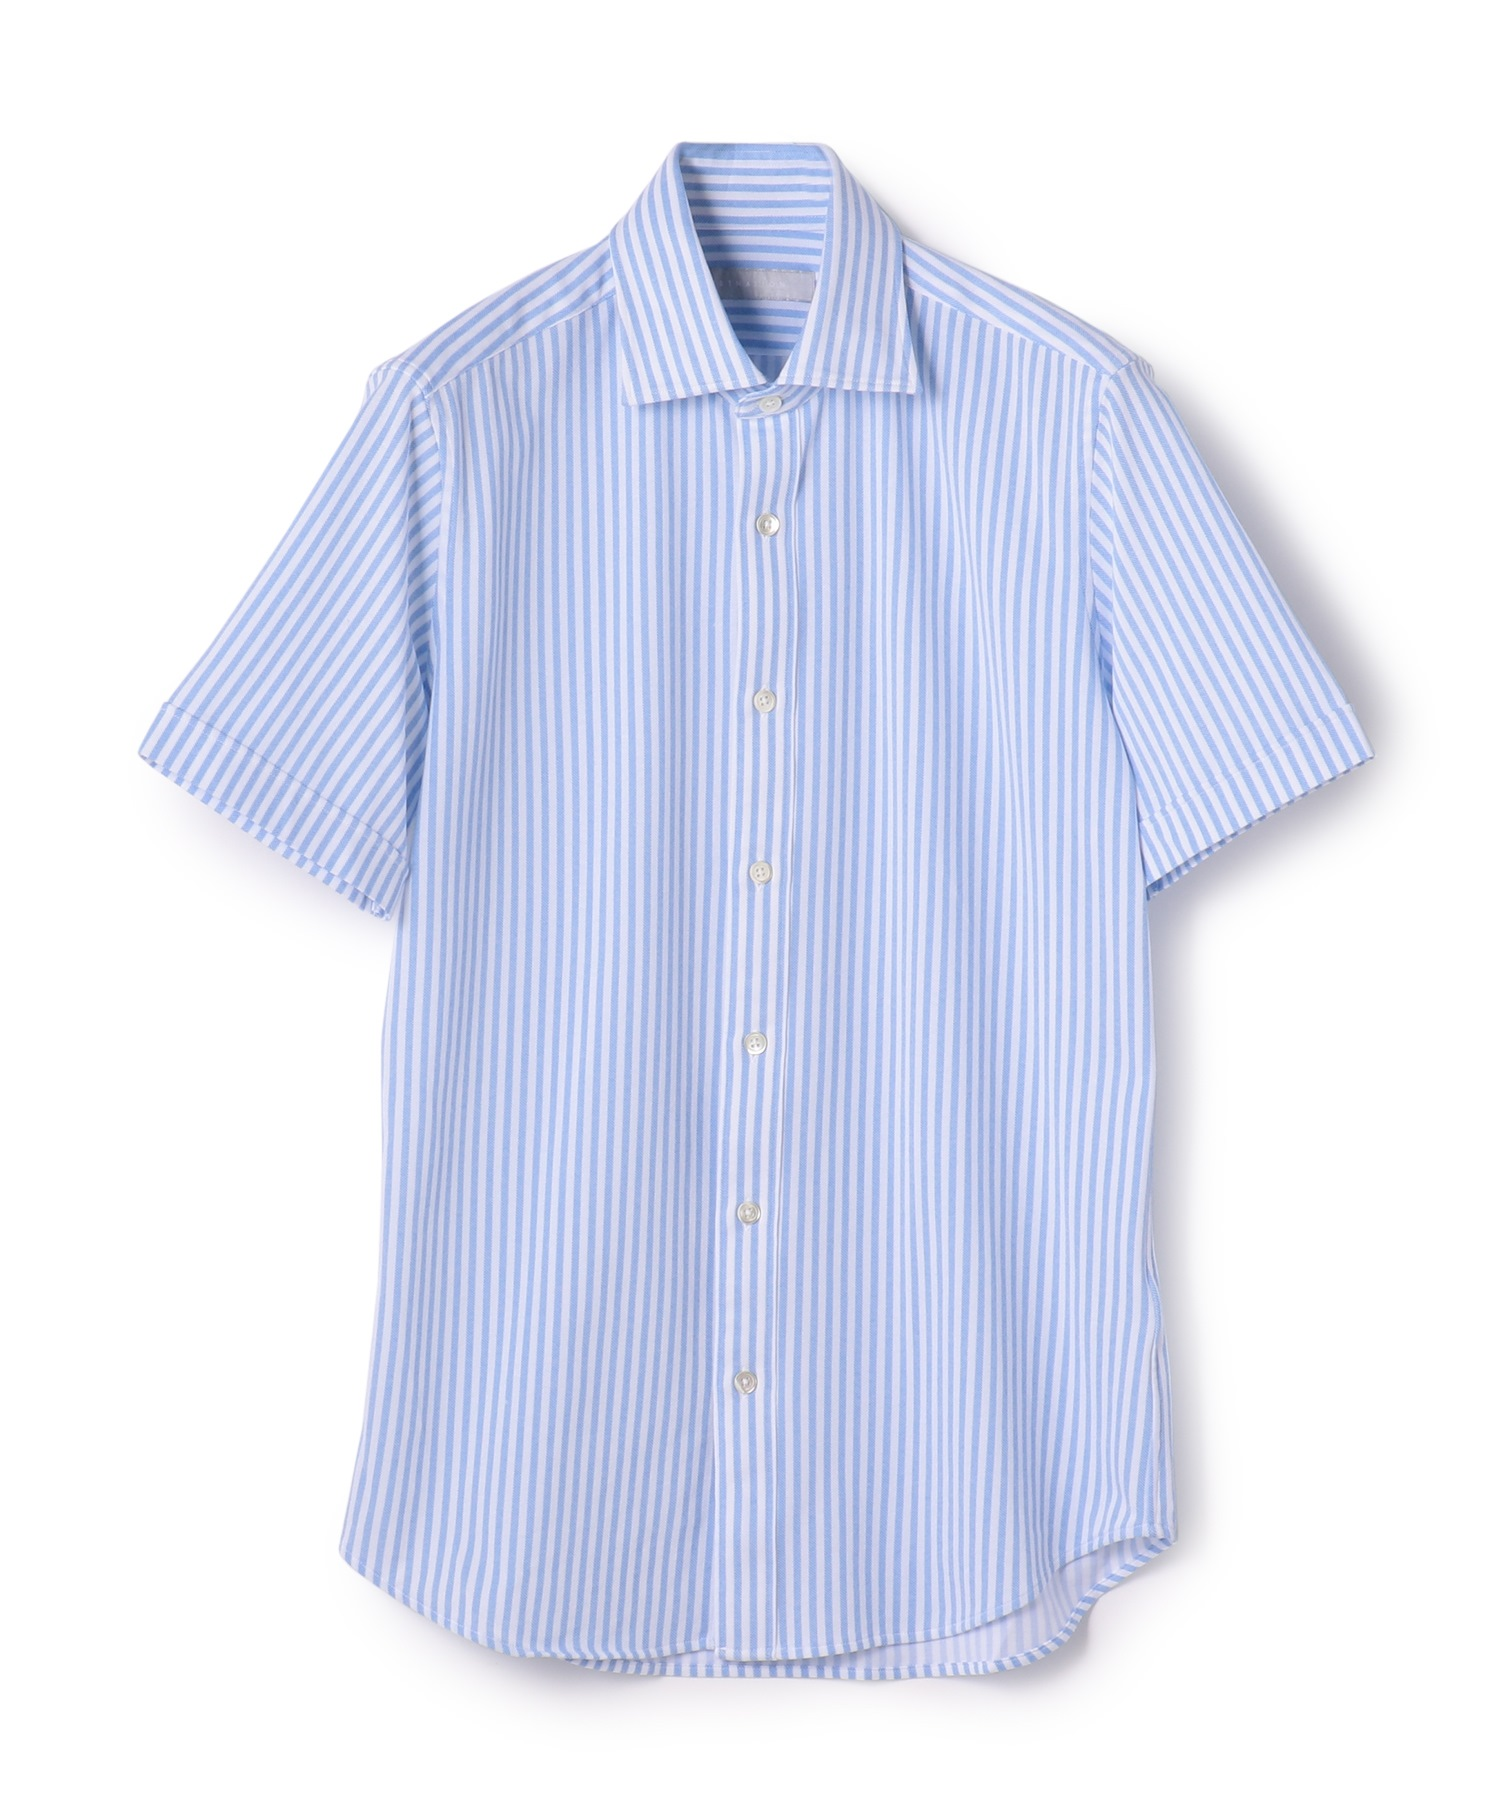 ESTNATION / 鹿の子半袖シャツ